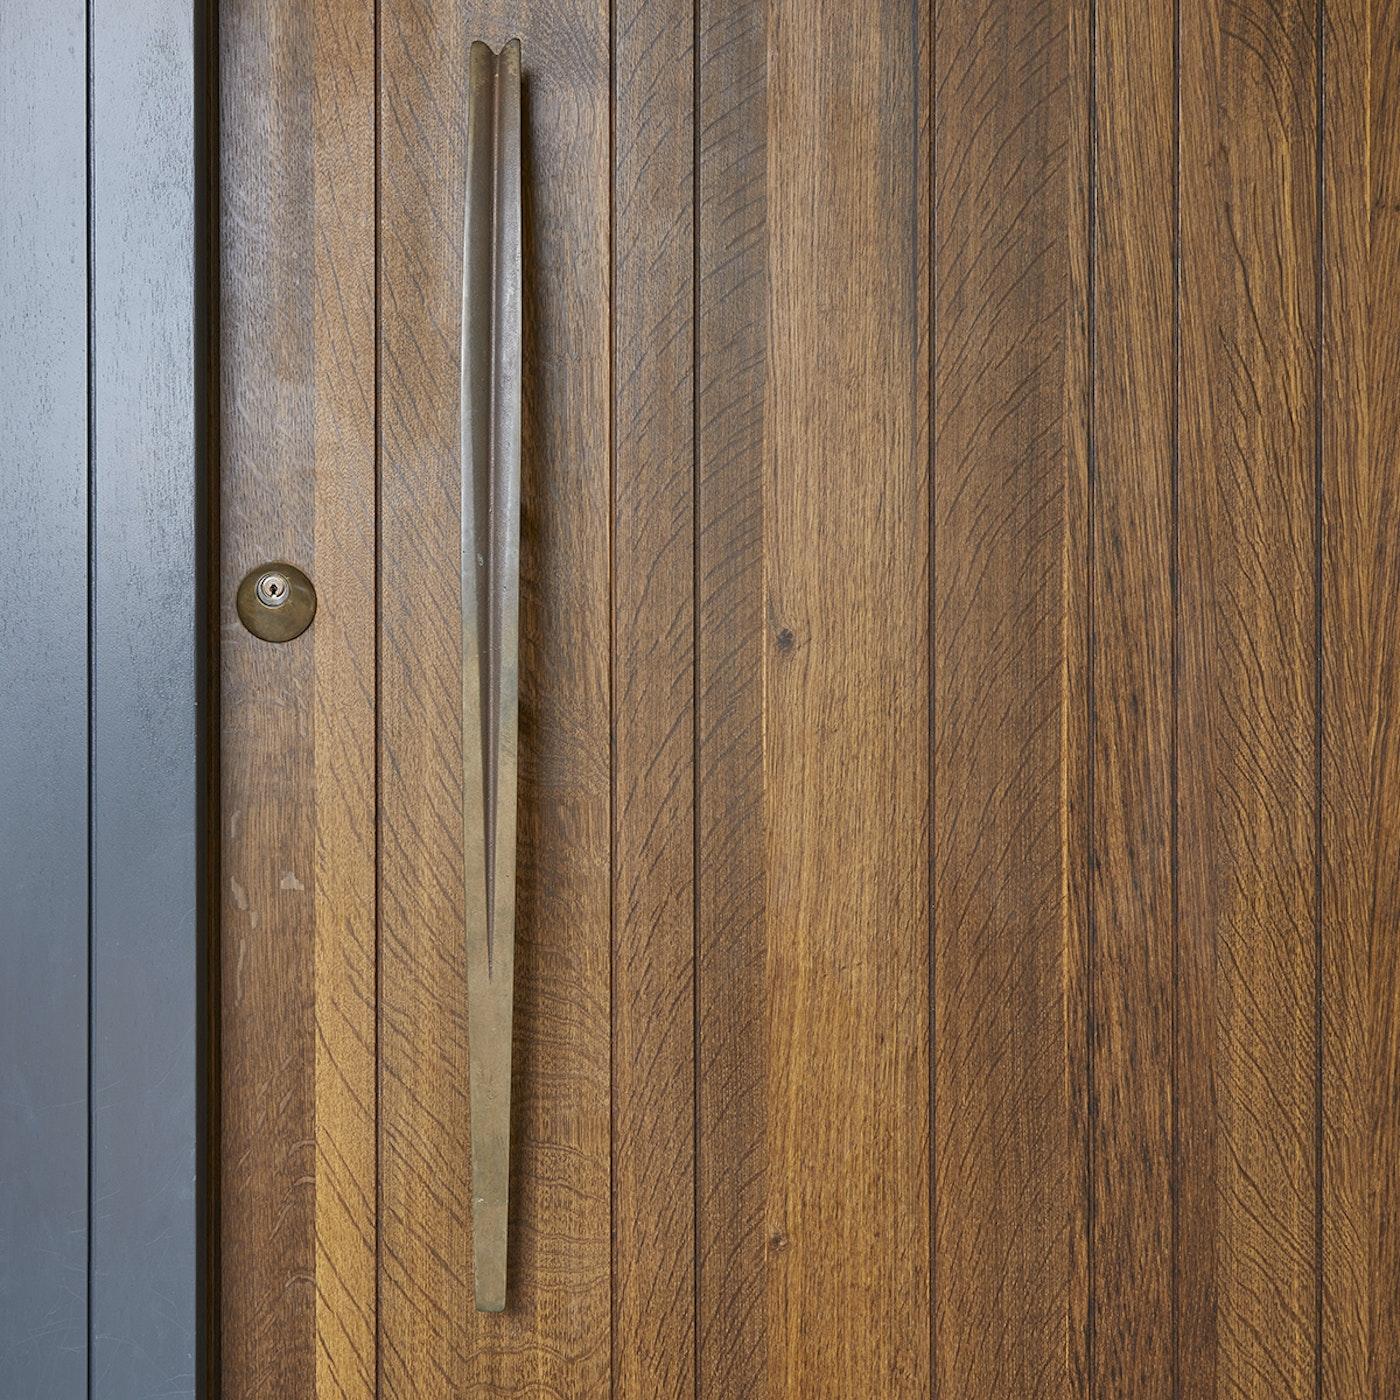 bz2 on door